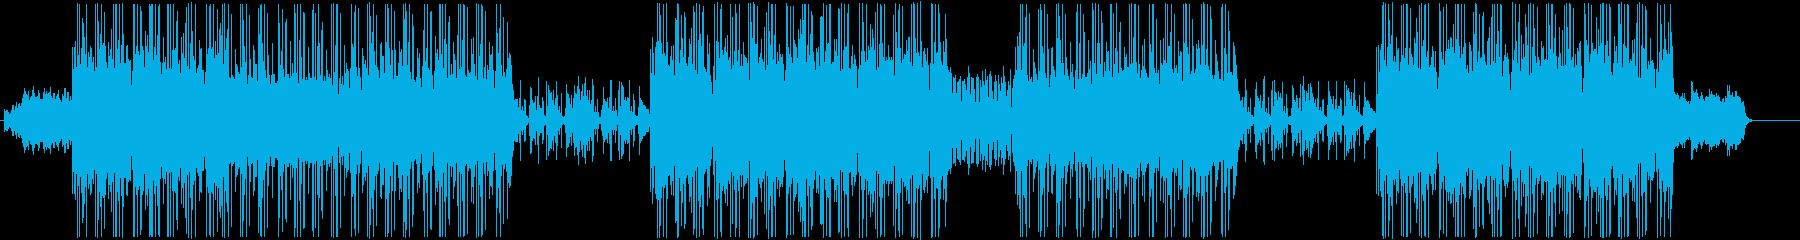 洋楽、シンセウェーブ、80sトラック♪の再生済みの波形